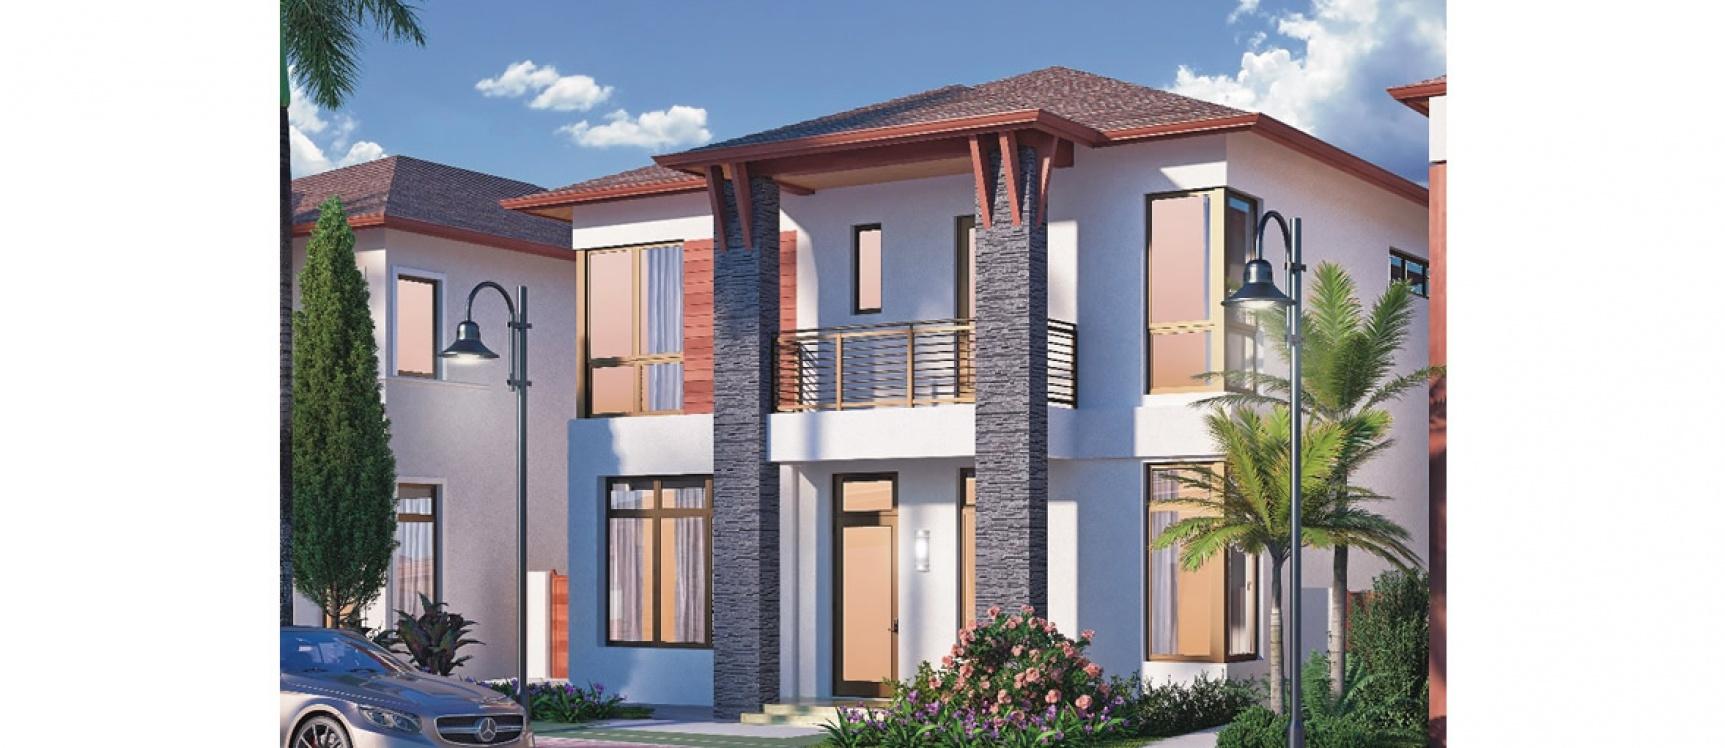 GeoBienes - Bali Collection Canarias Downtown Doral Miami - Plusvalia Guayaquil Casas de venta y alquiler Inmobiliaria Ecuador